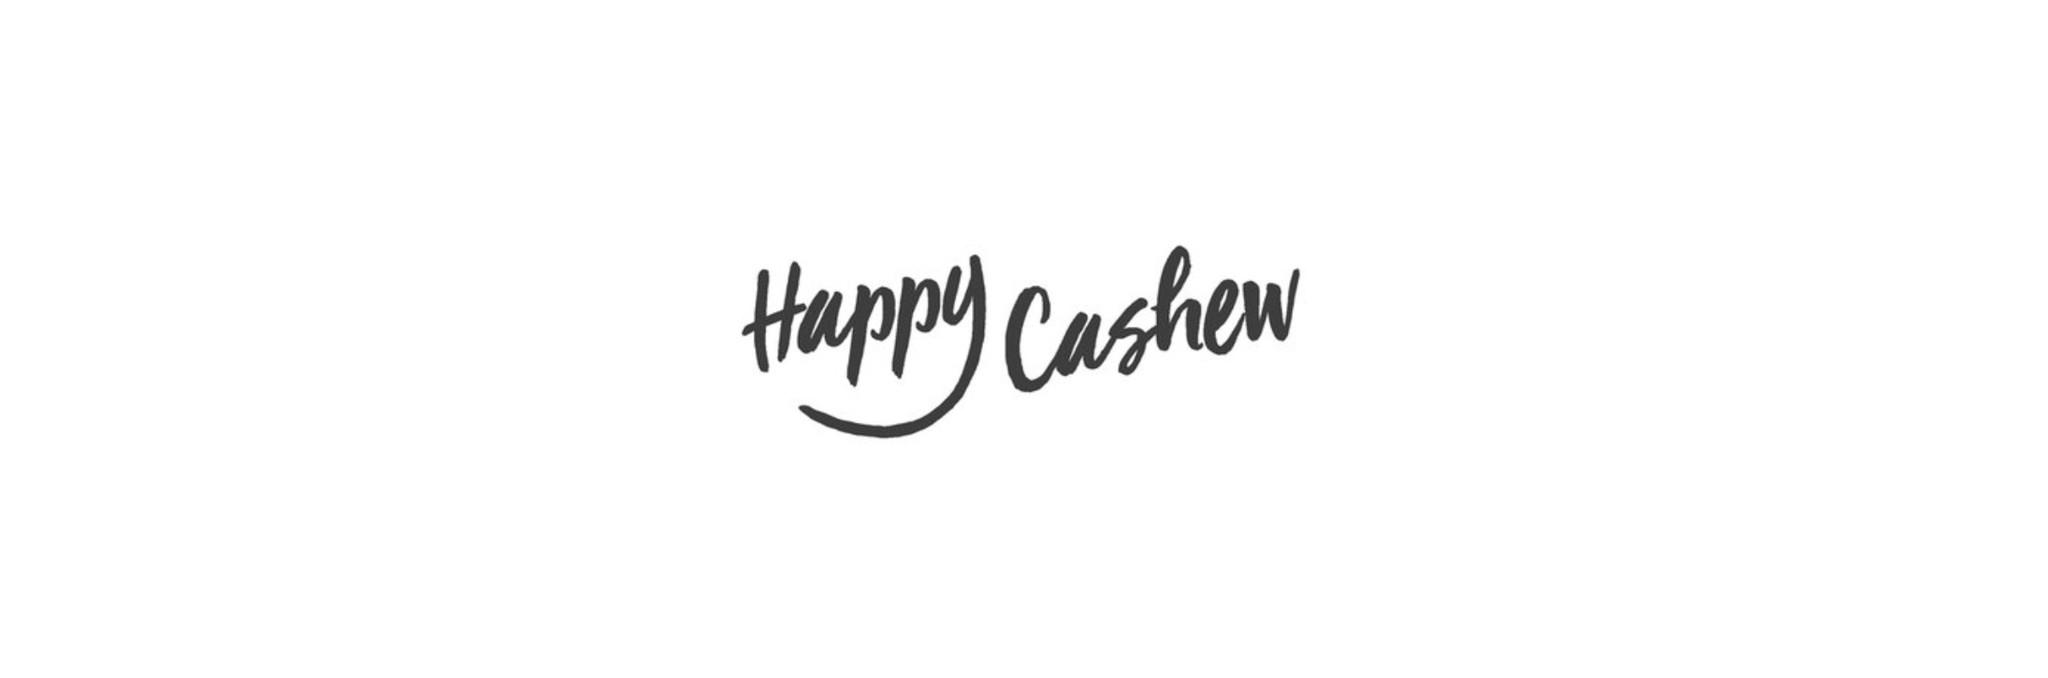 HAPPY CASHEW